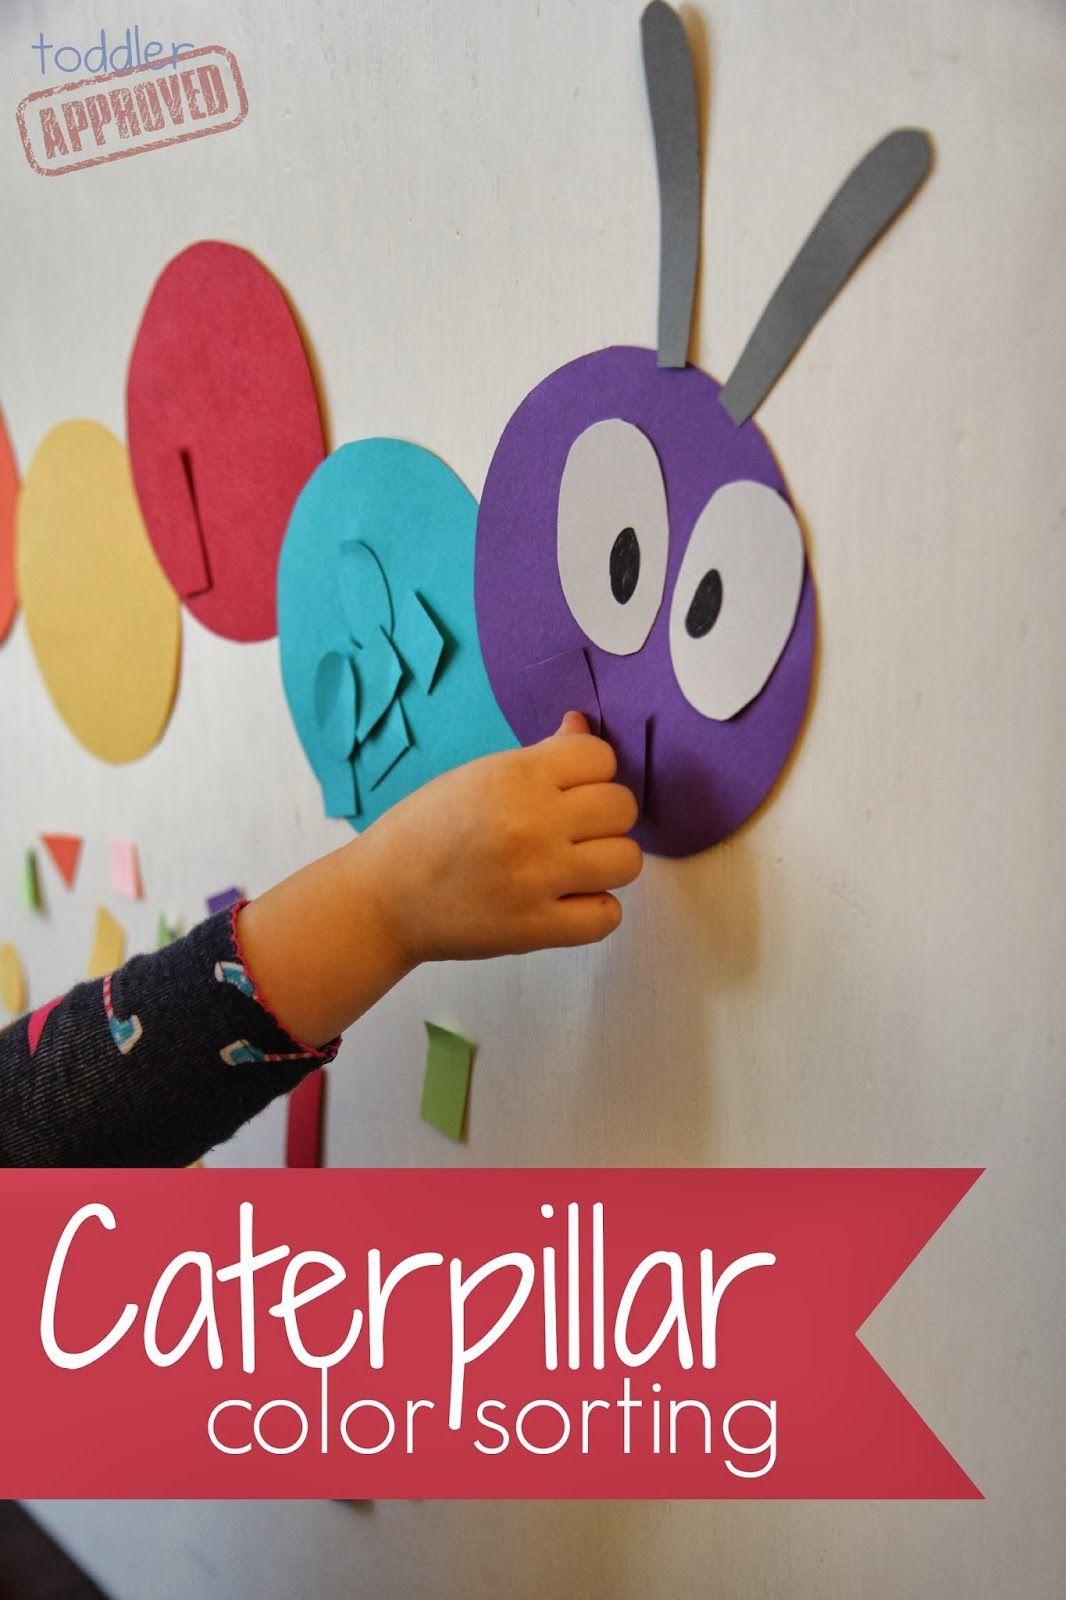 Caterpillar Color Sorting